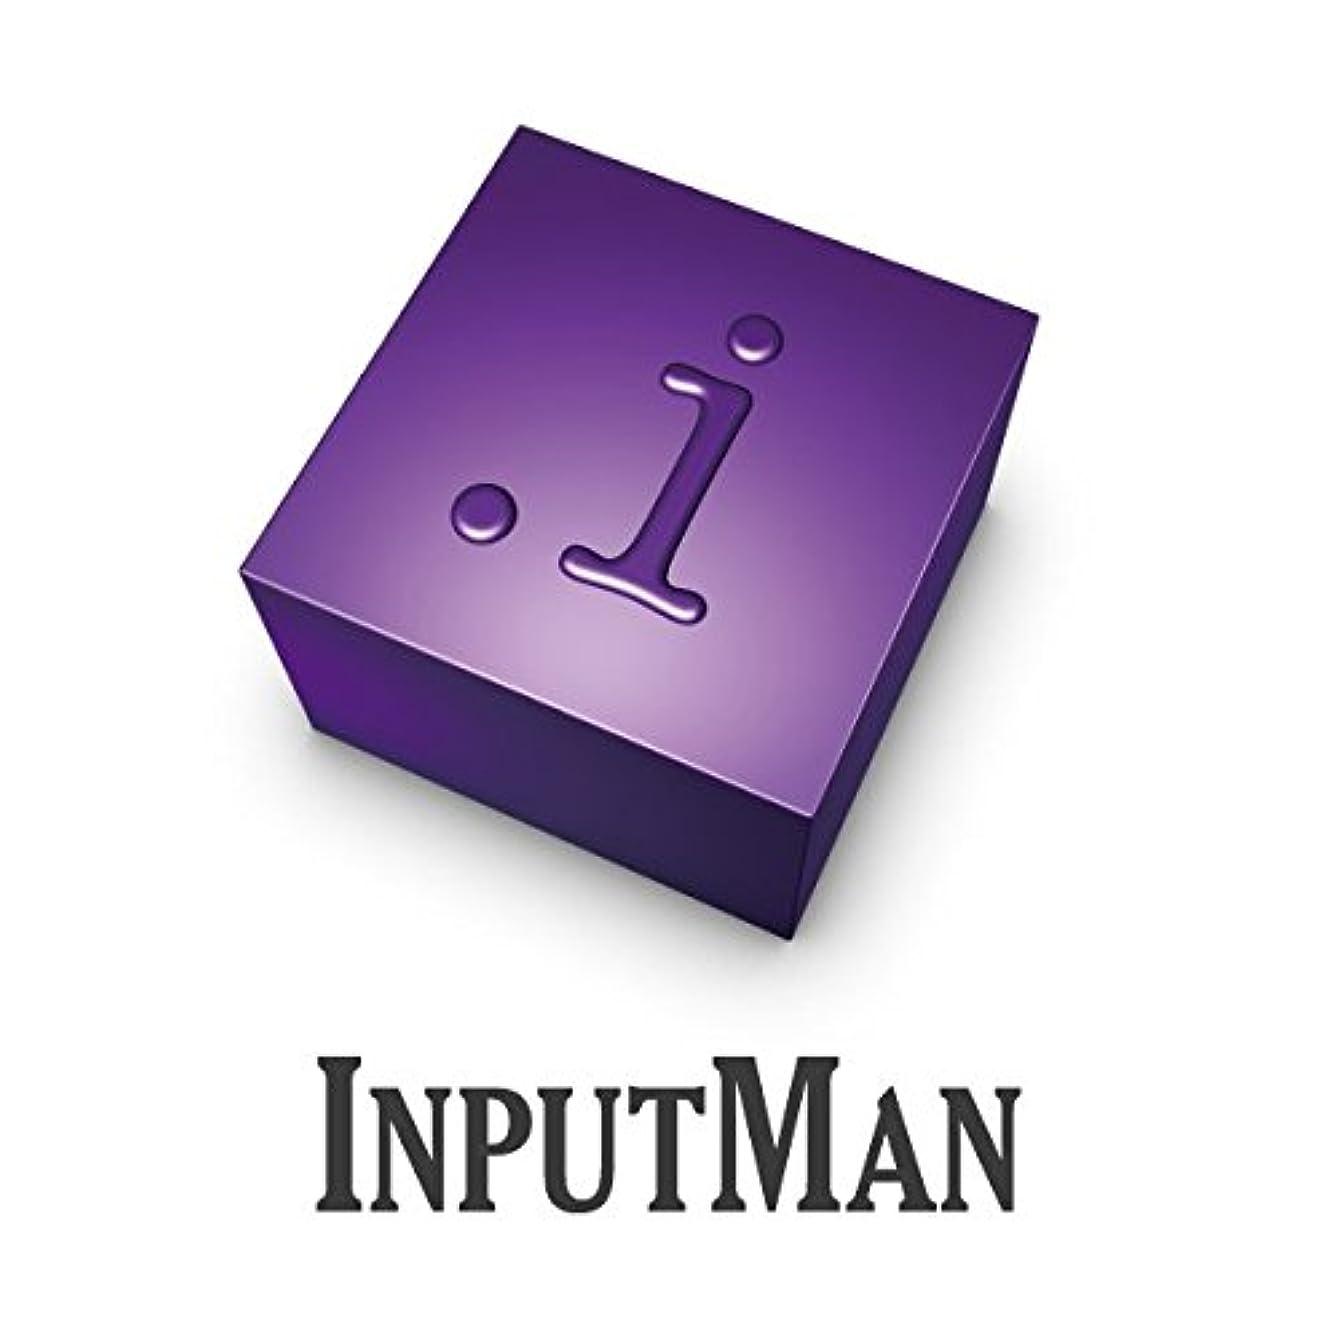 提出する保全勇敢なグレープシティ NU91002650 InputManPlus for ASP.NET 10.0J 1開発ライセンス ダウンロード